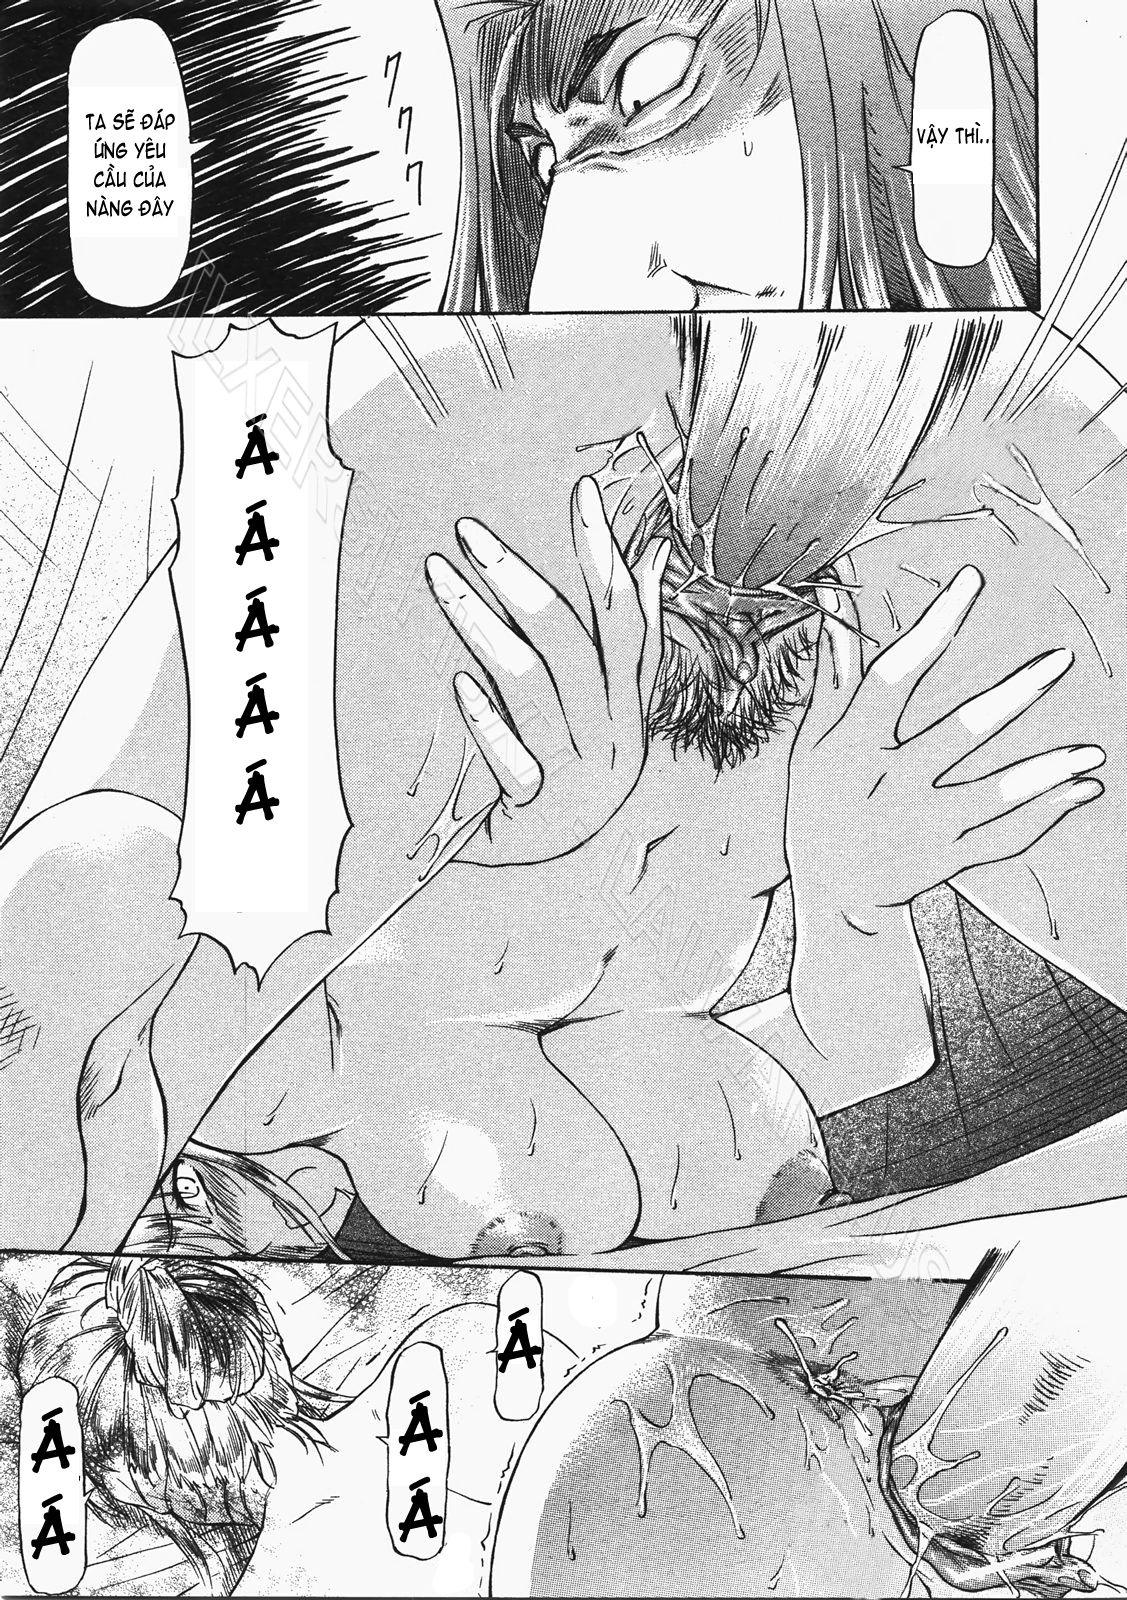 Hình ảnh Hinh_018 in Truyện tranh hentai không che: Parabellum